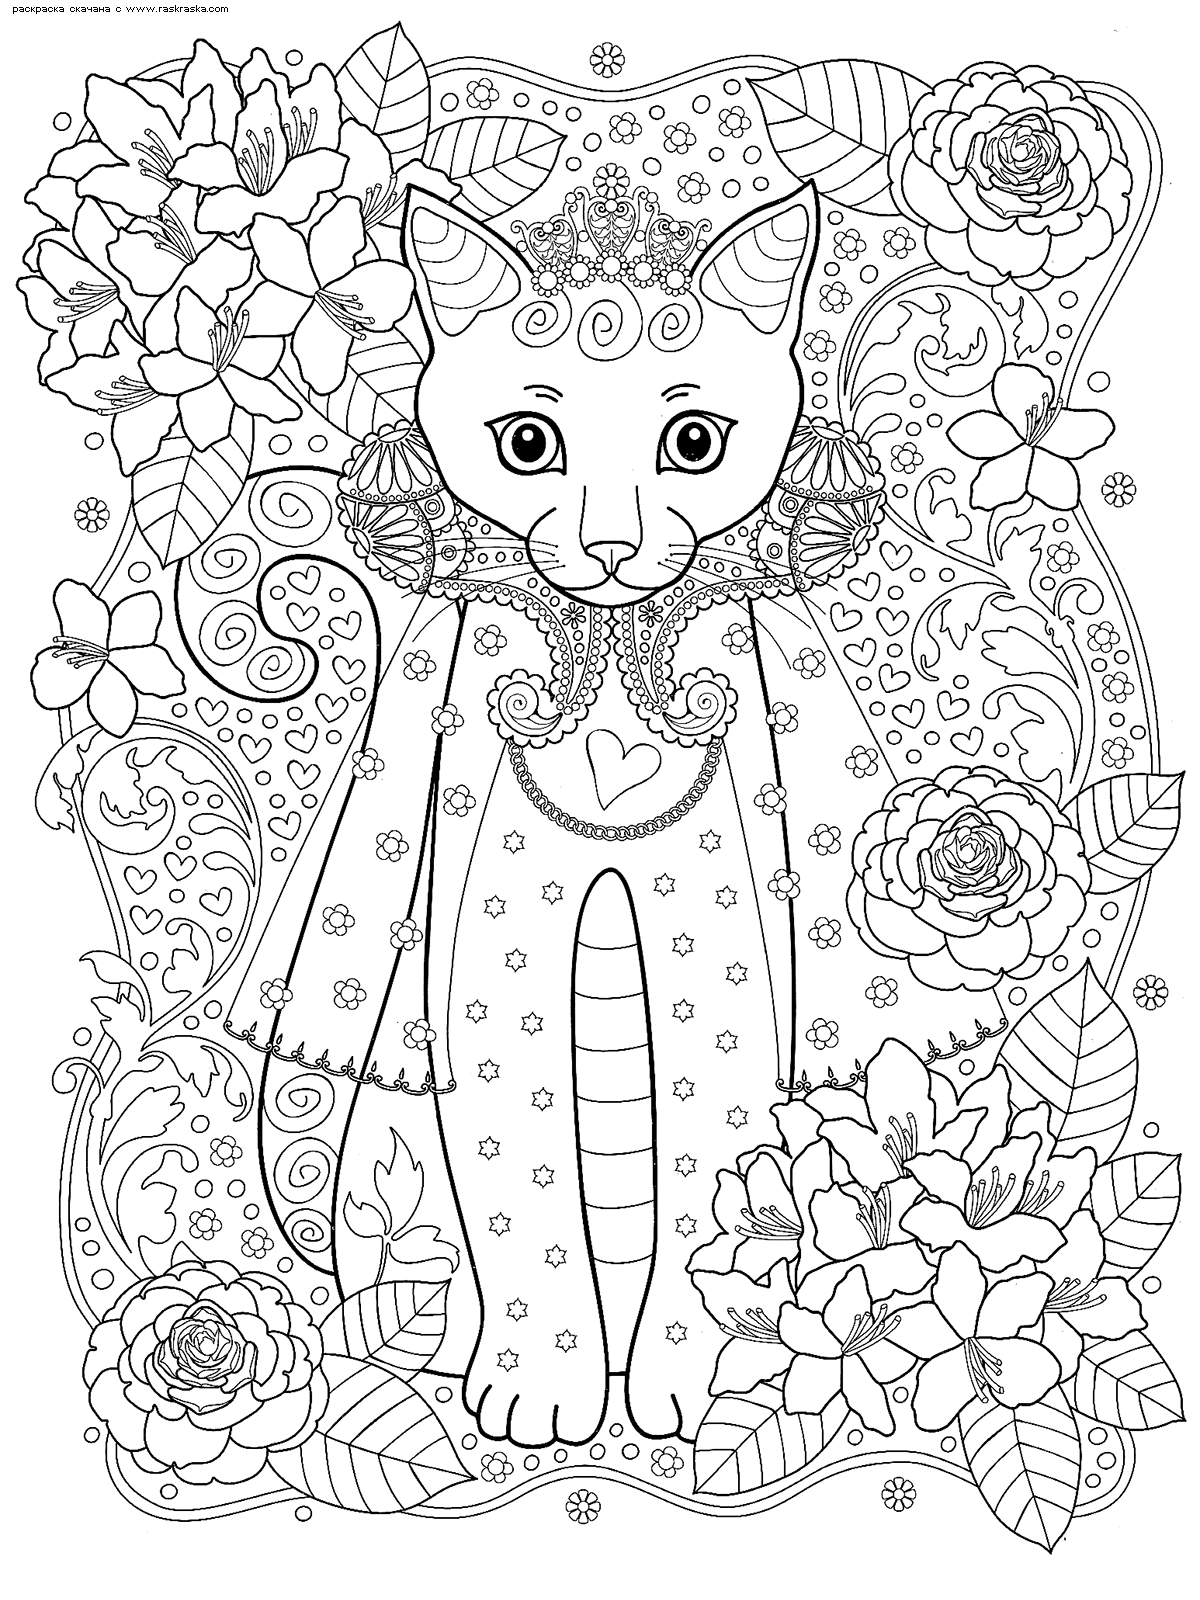 Раскраска Кошка-принцесса | Раскраски антистресс Кошки ...